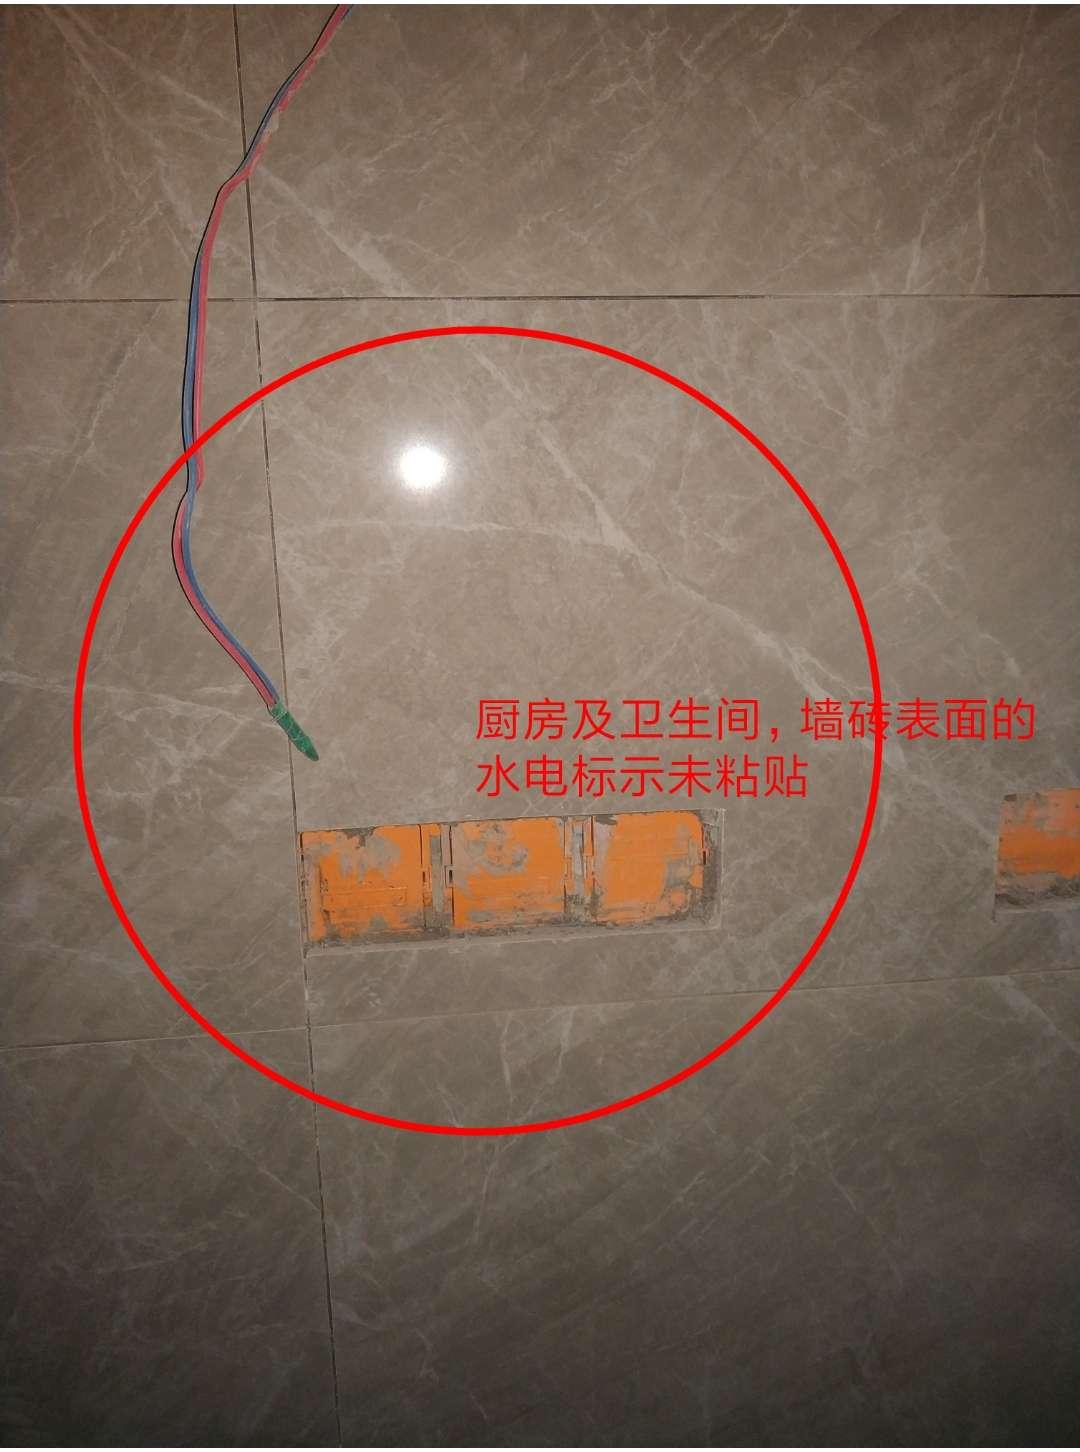 福星惠誉东湖城-闭水试验验收-2018-11-09